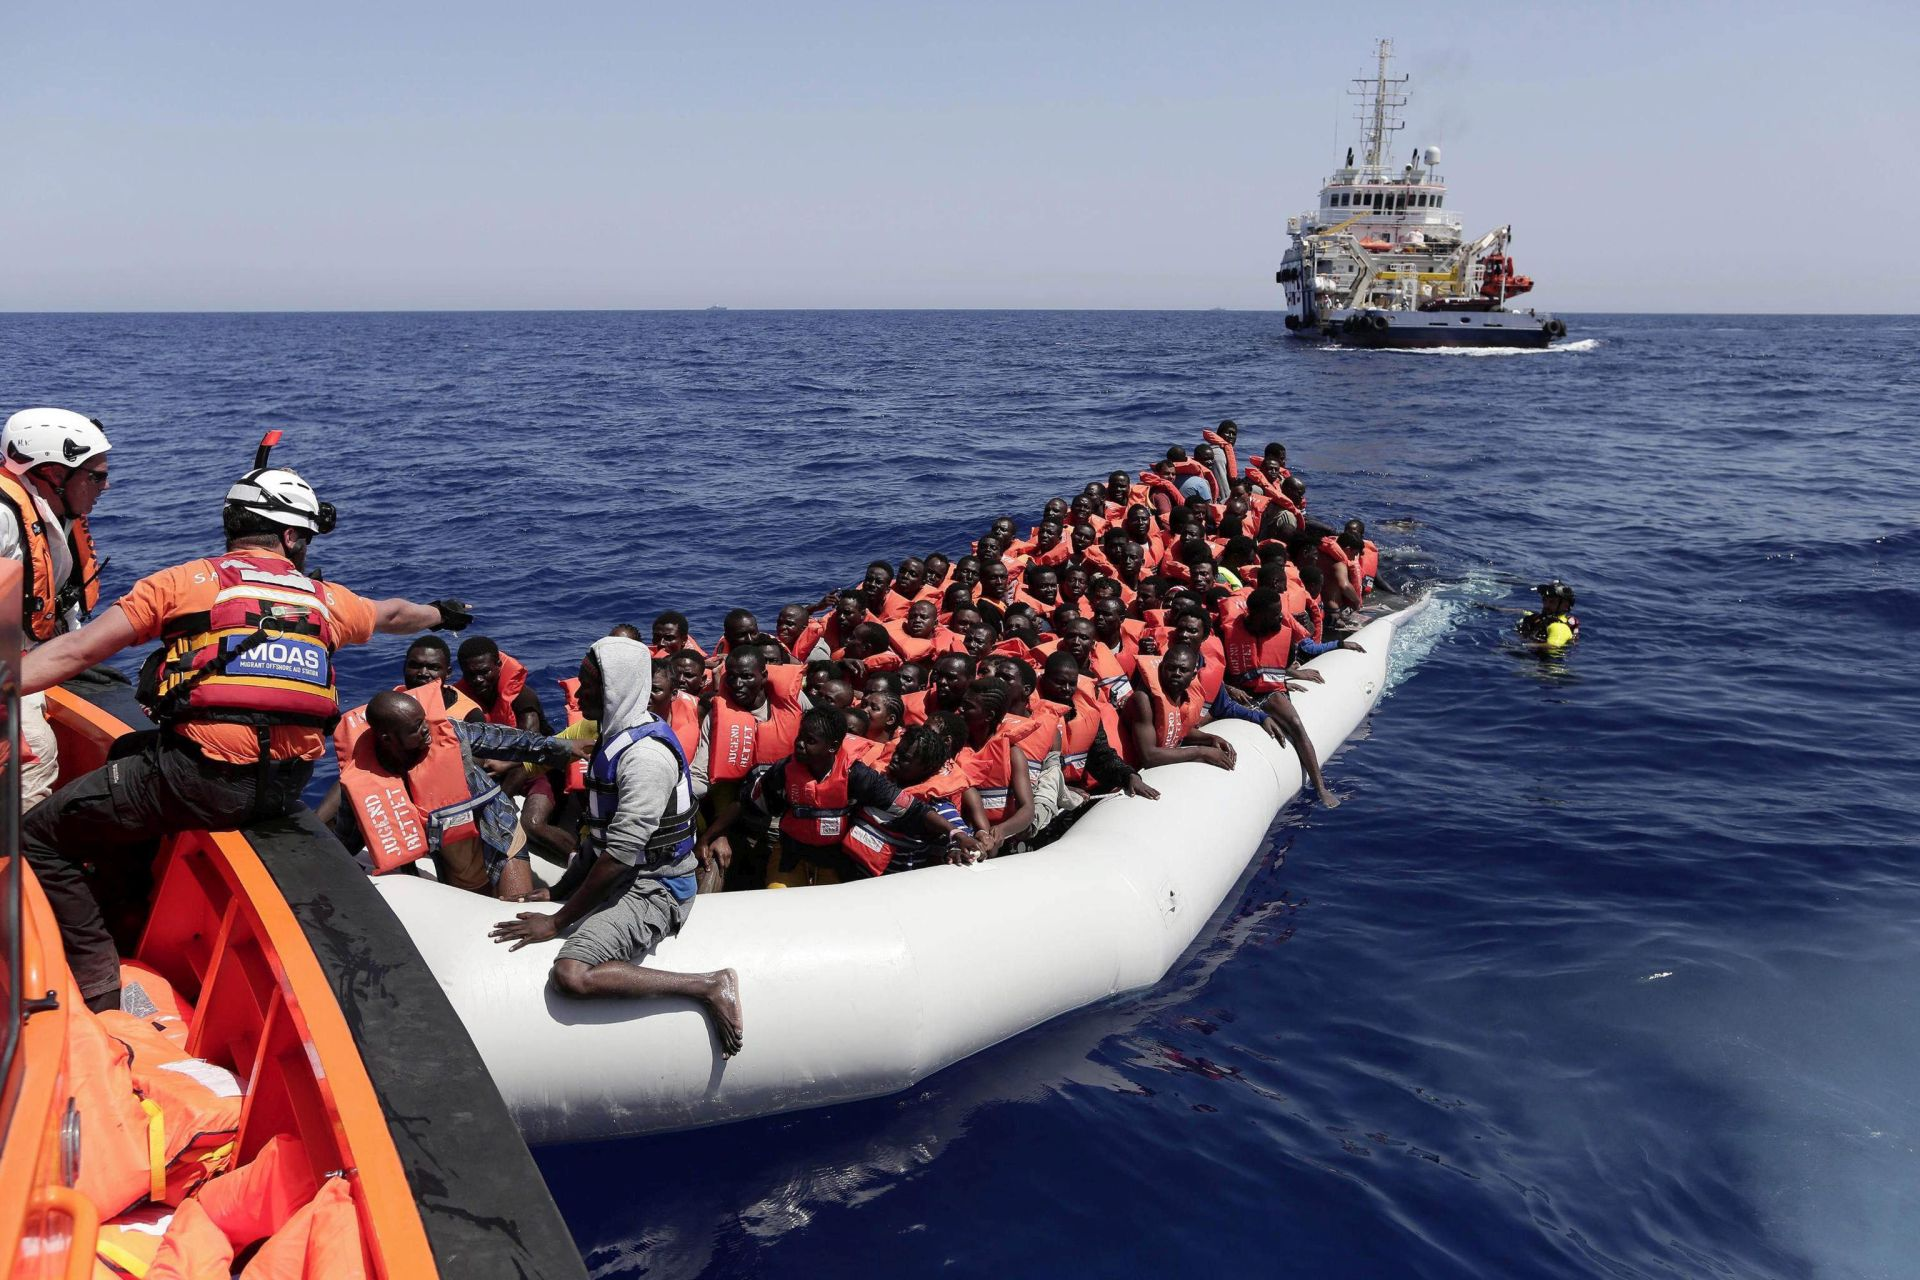 TALIJANSKA OBALNA STRAŽA: Više od 5600 migranata spašeno u Sredozemlju